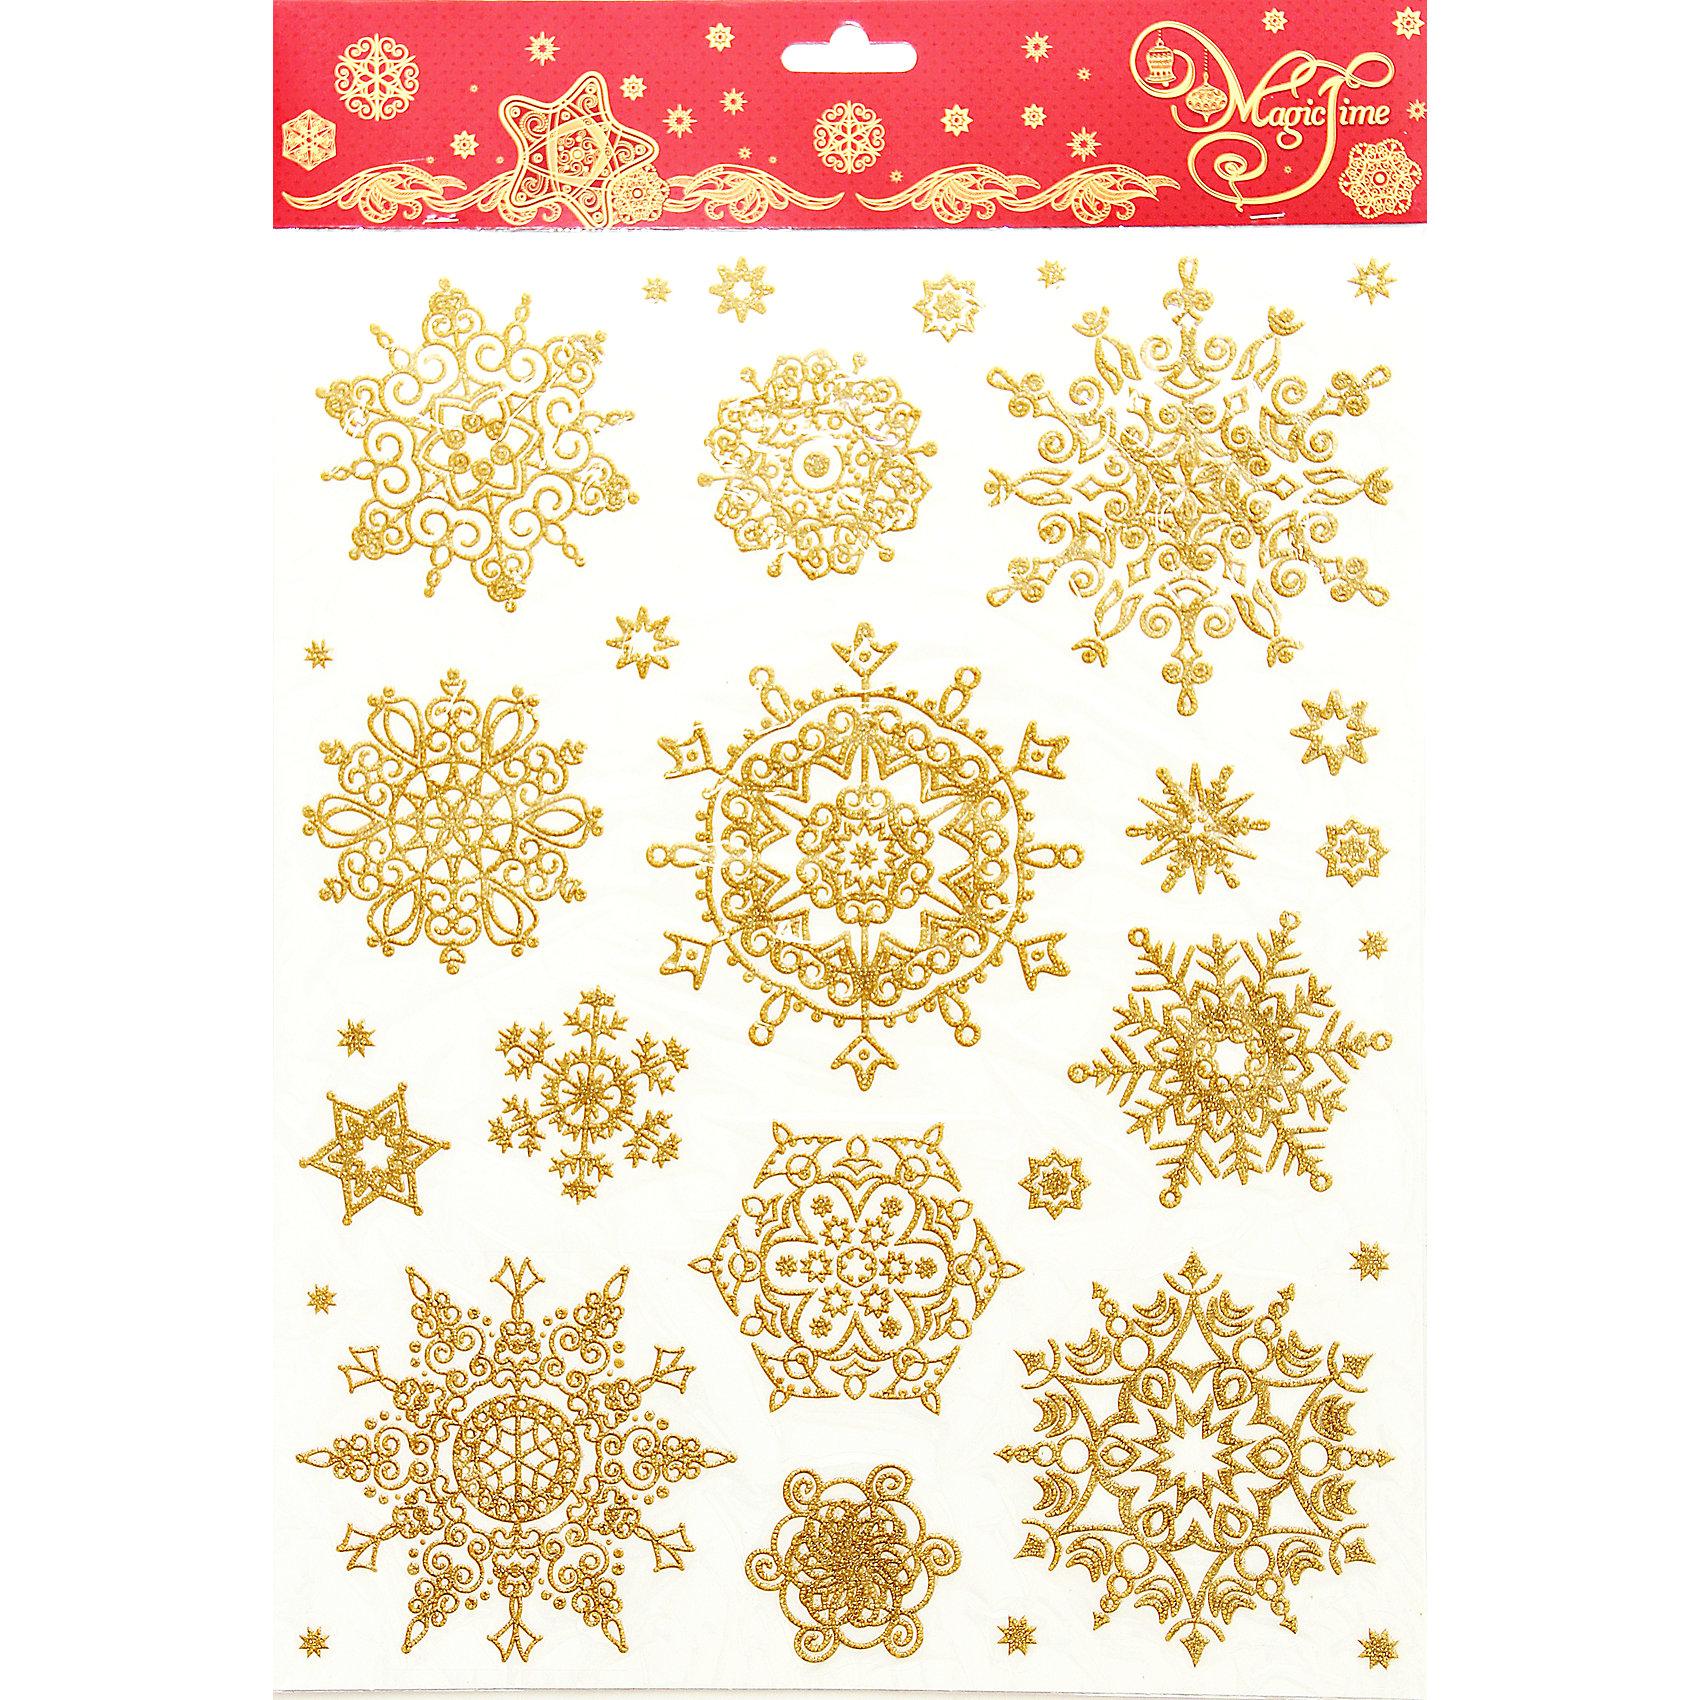 Украшение на окно Объемные золотые снежинки 30*38 смНовинки Новый Год<br>Украшение на окно Объемные золотые снежинки 30*38 см – декоративное украшение создаст новогоднее настроение и принесёт радость детям.<br>Украшение на окно Объемные золотые снежинки сделает ваше окно сказочно красивым, создаст впечатление свежести, настоящего мороза и наполнит дом ощущением предстоящих Новогодних праздников. Украшение изготовлено из ПВХ пленки, декорировано глиттером. Крепится к гладкой поверхности стекла посредством статистического эффекта.<br><br>Дополнительная информация:<br><br>- Размер: 30 х 38 см.<br>- Материал: ПВХ пленка<br>- Декорировано глиттером<br><br>Украшение на окно Объемные золотые снежинки 30*38 см можно купить в нашем интернет-магазине.<br><br>Ширина мм: 1<br>Глубина мм: 300<br>Высота мм: 440<br>Вес г: 75<br>Возраст от месяцев: 36<br>Возраст до месяцев: 2147483647<br>Пол: Унисекс<br>Возраст: Детский<br>SKU: 4274760